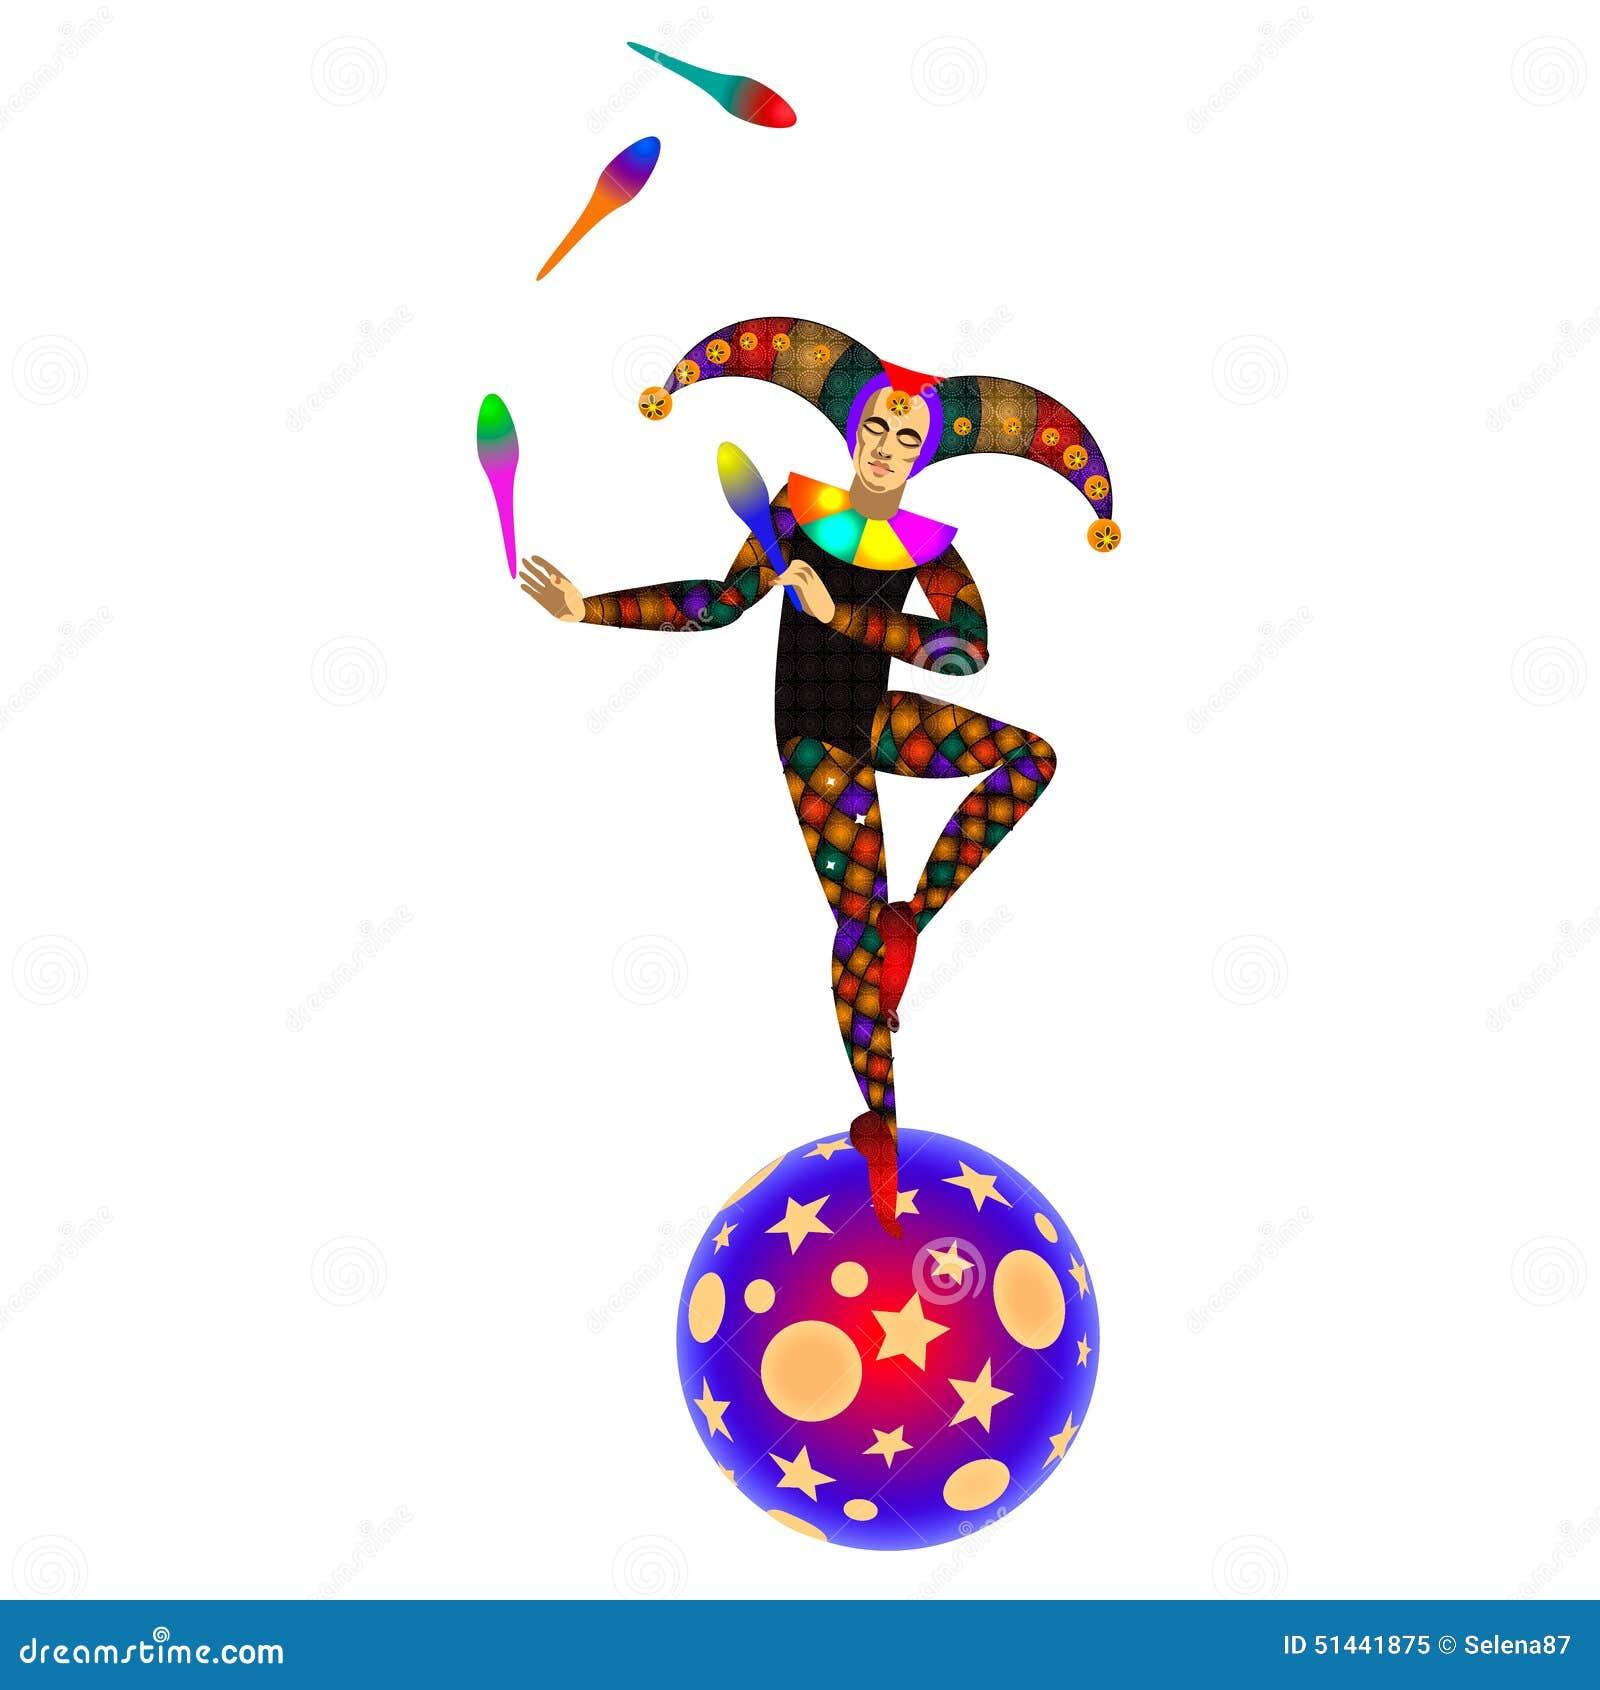 Jongleur sur la boule tour de cirque illustration de - Image jongleur cirque ...